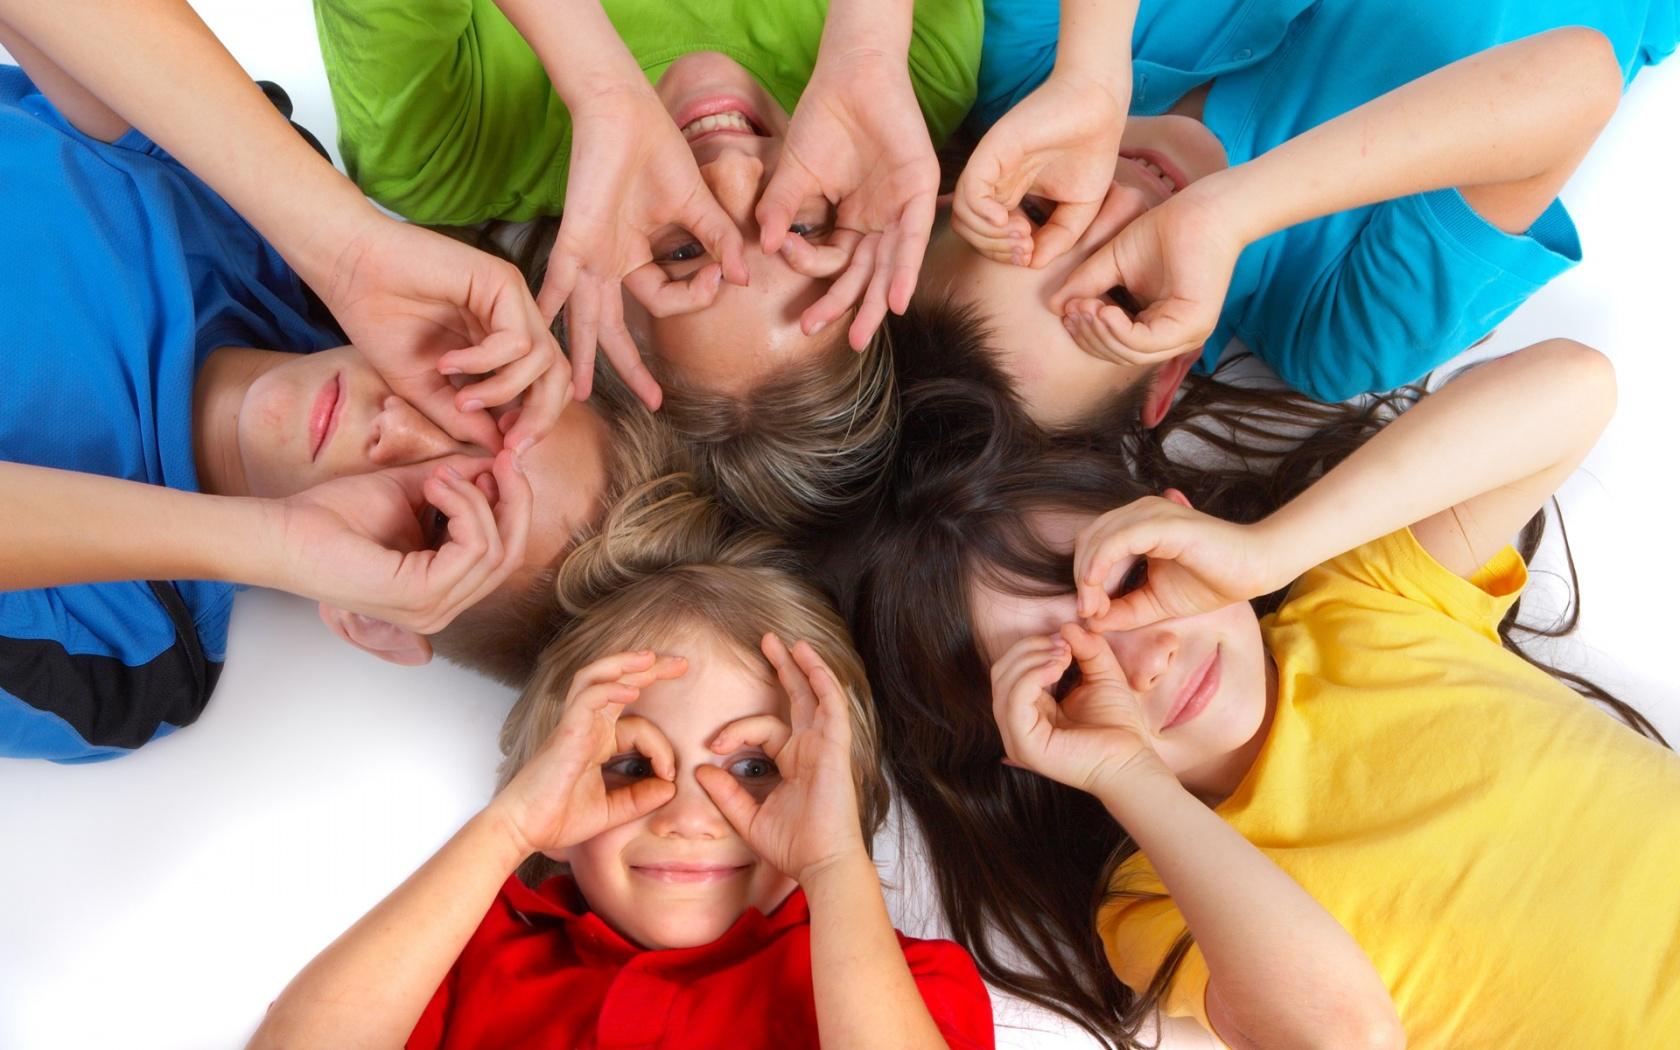 cute_kids_cute_play-1680x1050.jpg